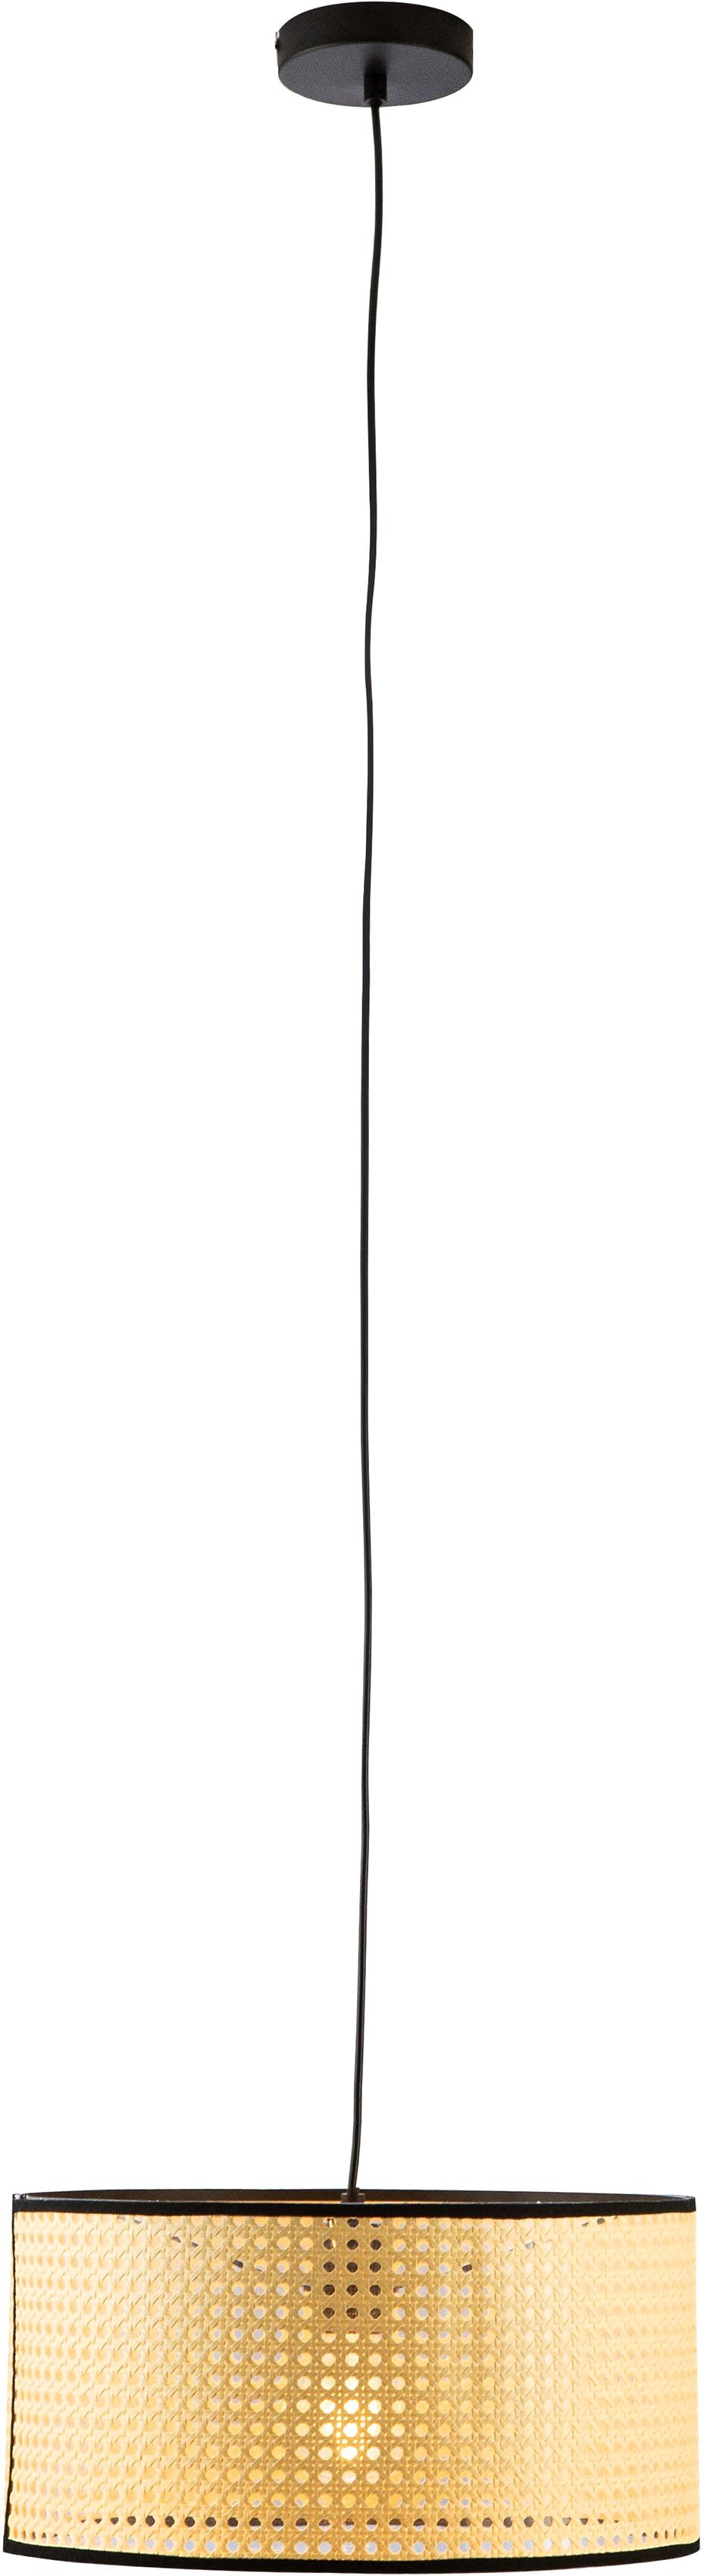 Nino Leuchten Pendelleuchte LU, E27, 1 St., Hängeleuchte, Hängelampe, Wiener Geflecht